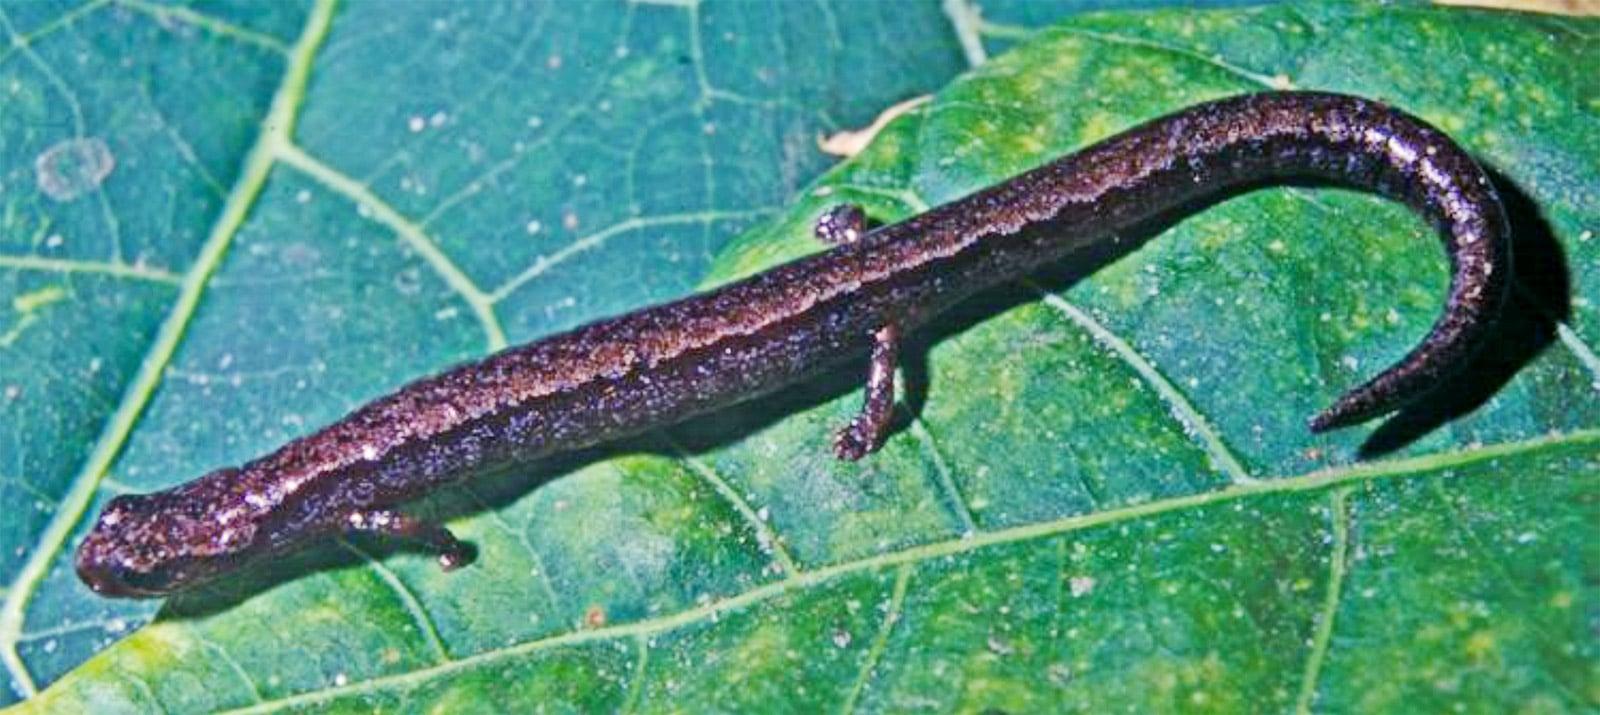 Thorius pinicola